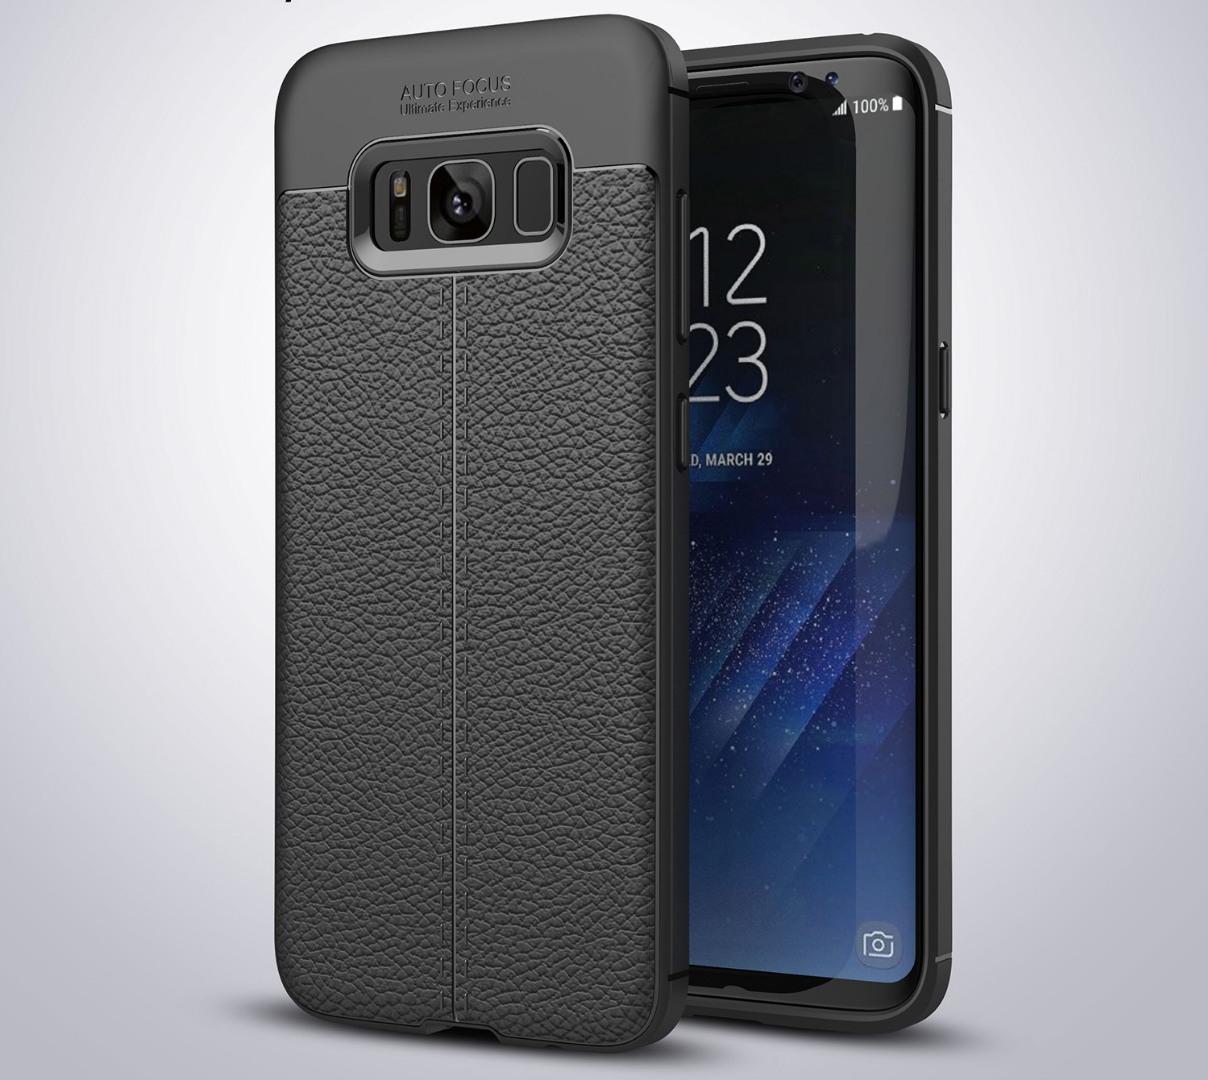 Husa silicon + TPU cu model piele, back cover, Samsung Galaxy S8 - CaseME, Negru